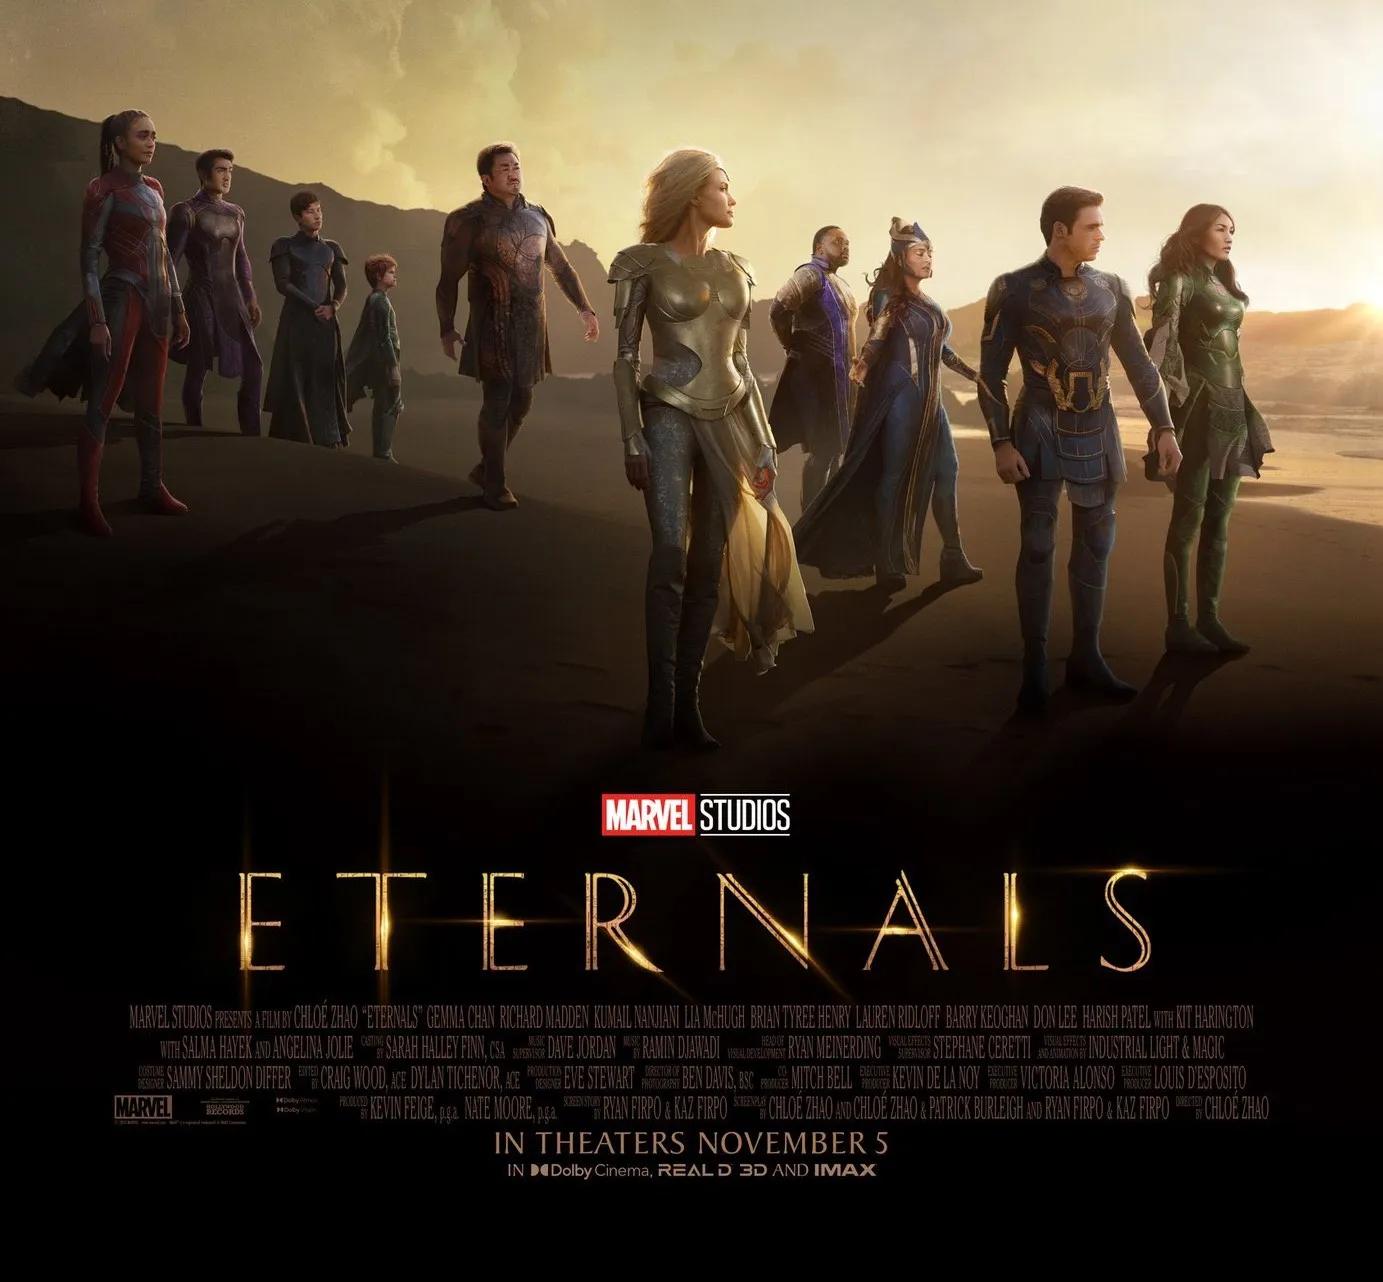 No primeiro plano estão os escritos sobre o filme e na parte de trás estão dez personagens vestidos em trajes de heróis coloridos. Filme Eternals Foto: Divulgação Marvel.